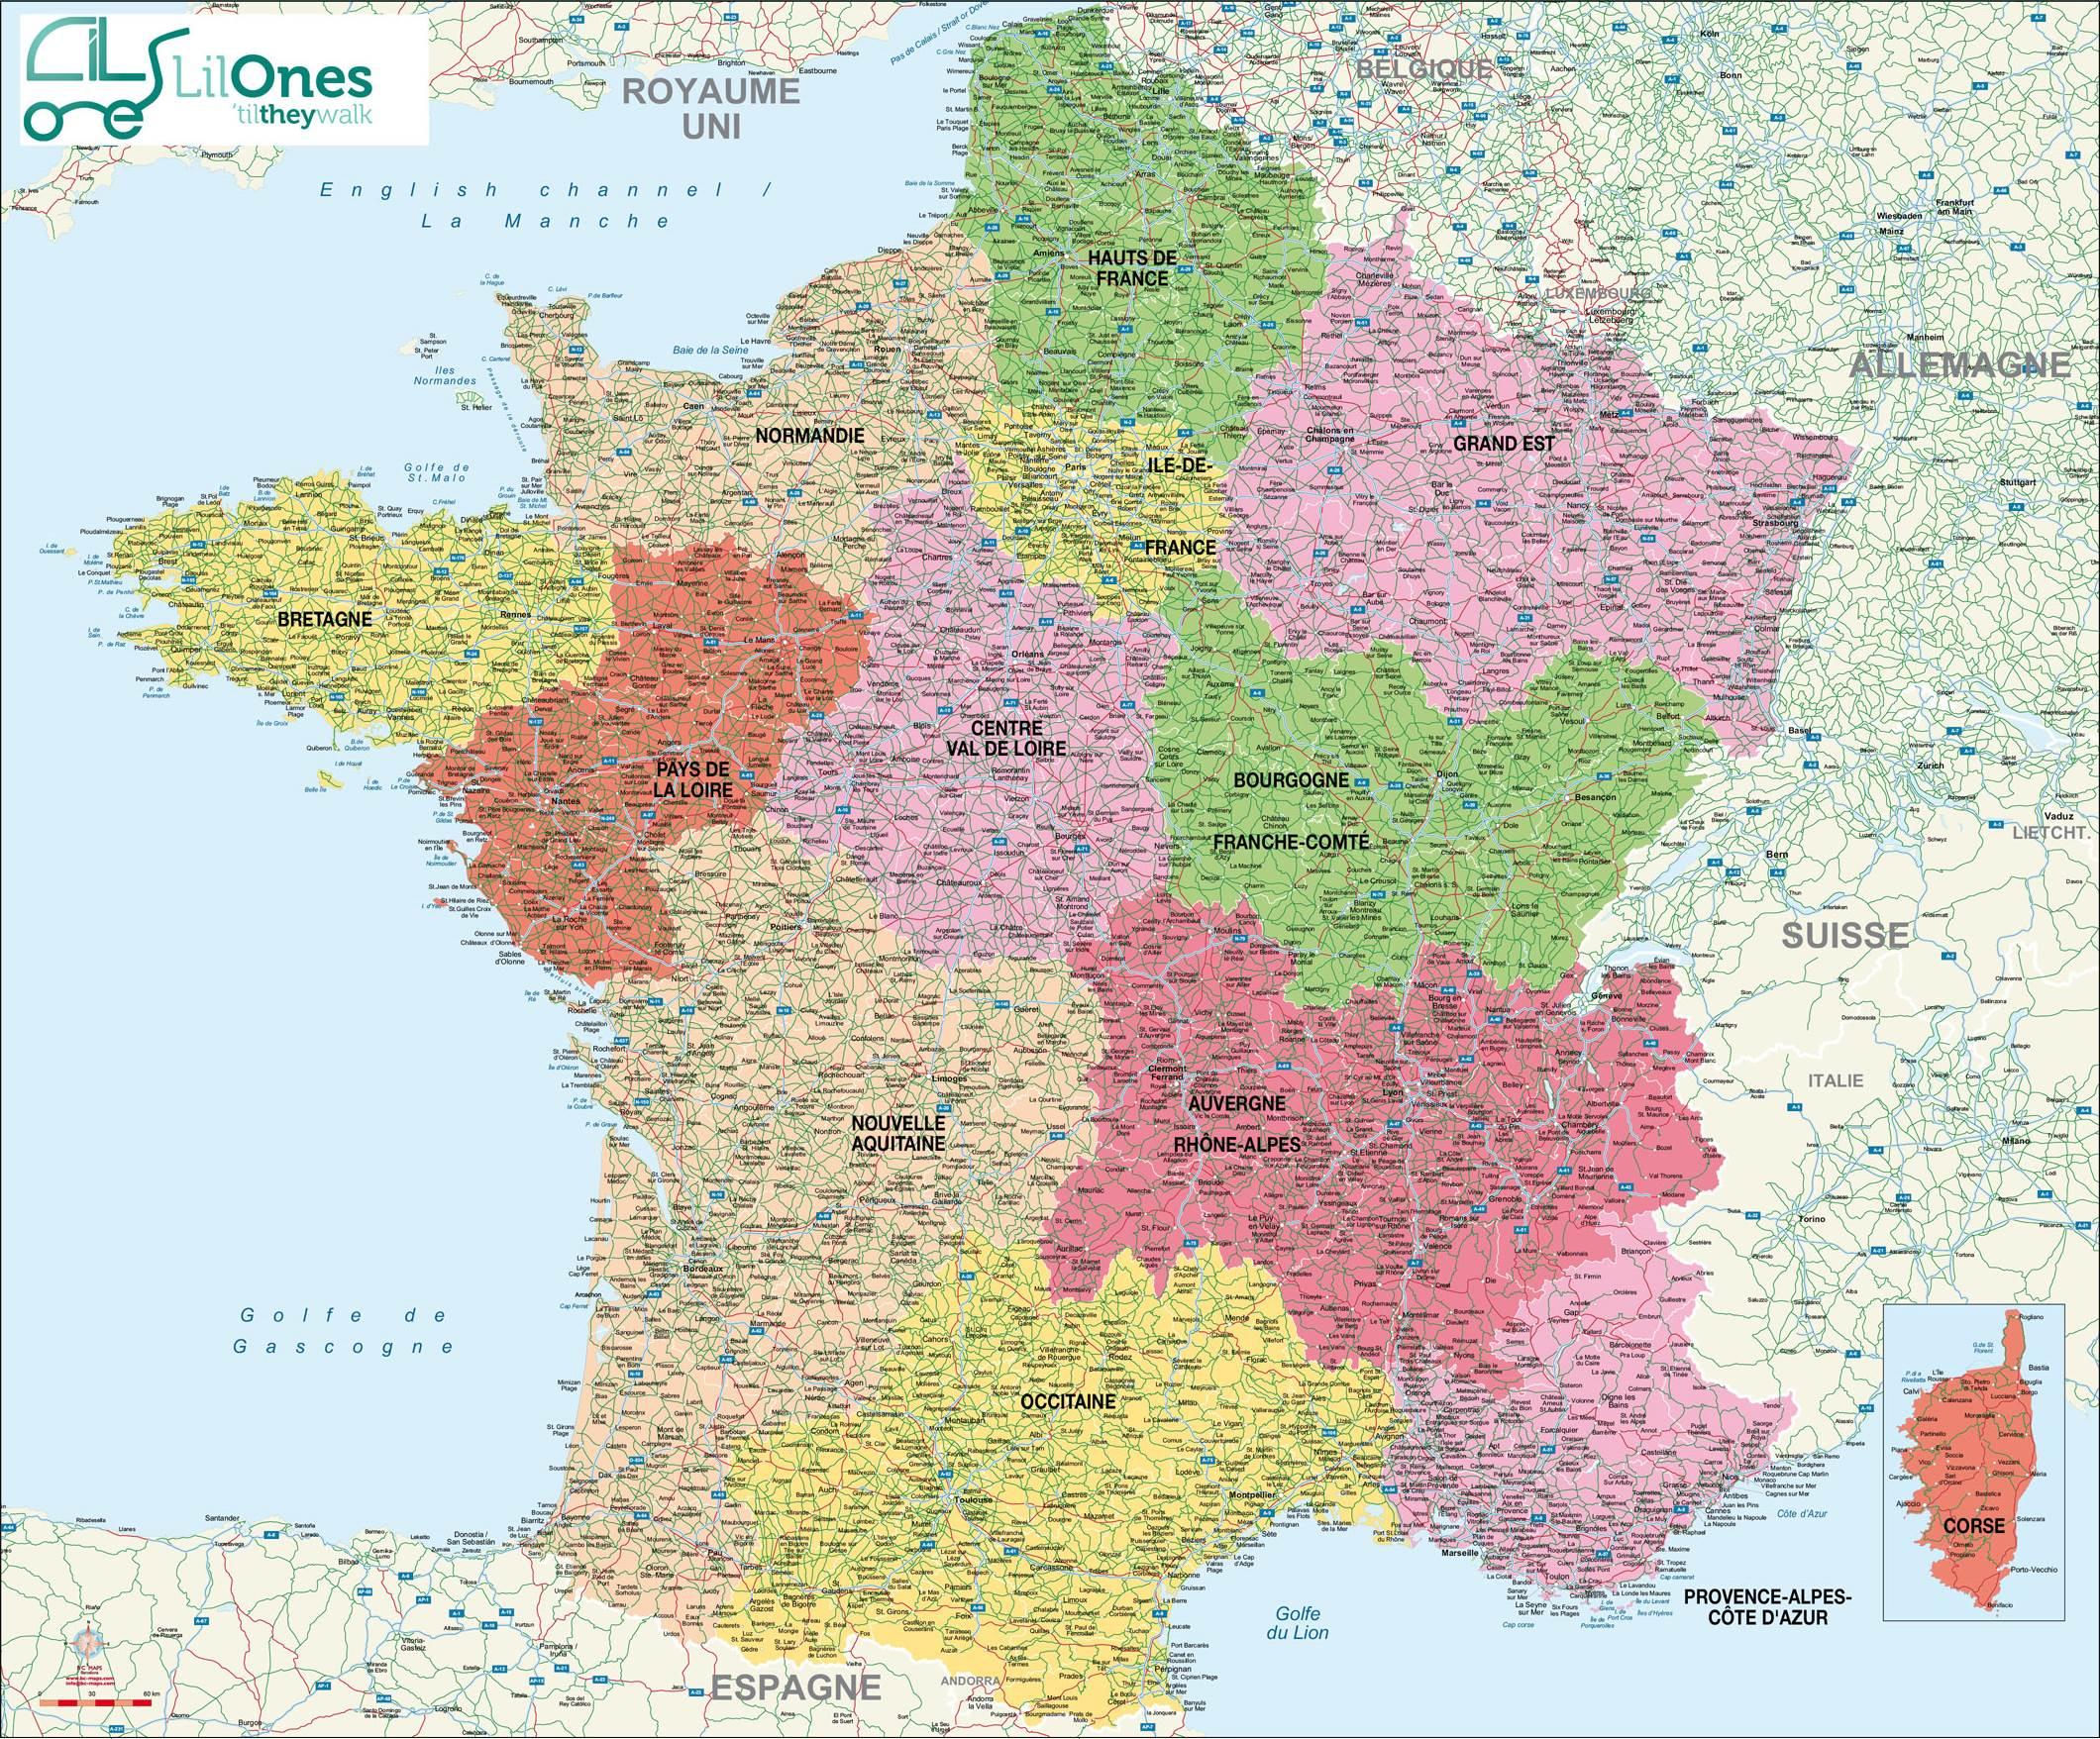 Cartes De France : Cartes Des Régions, Départements Et destiné Carte De France Grand Format